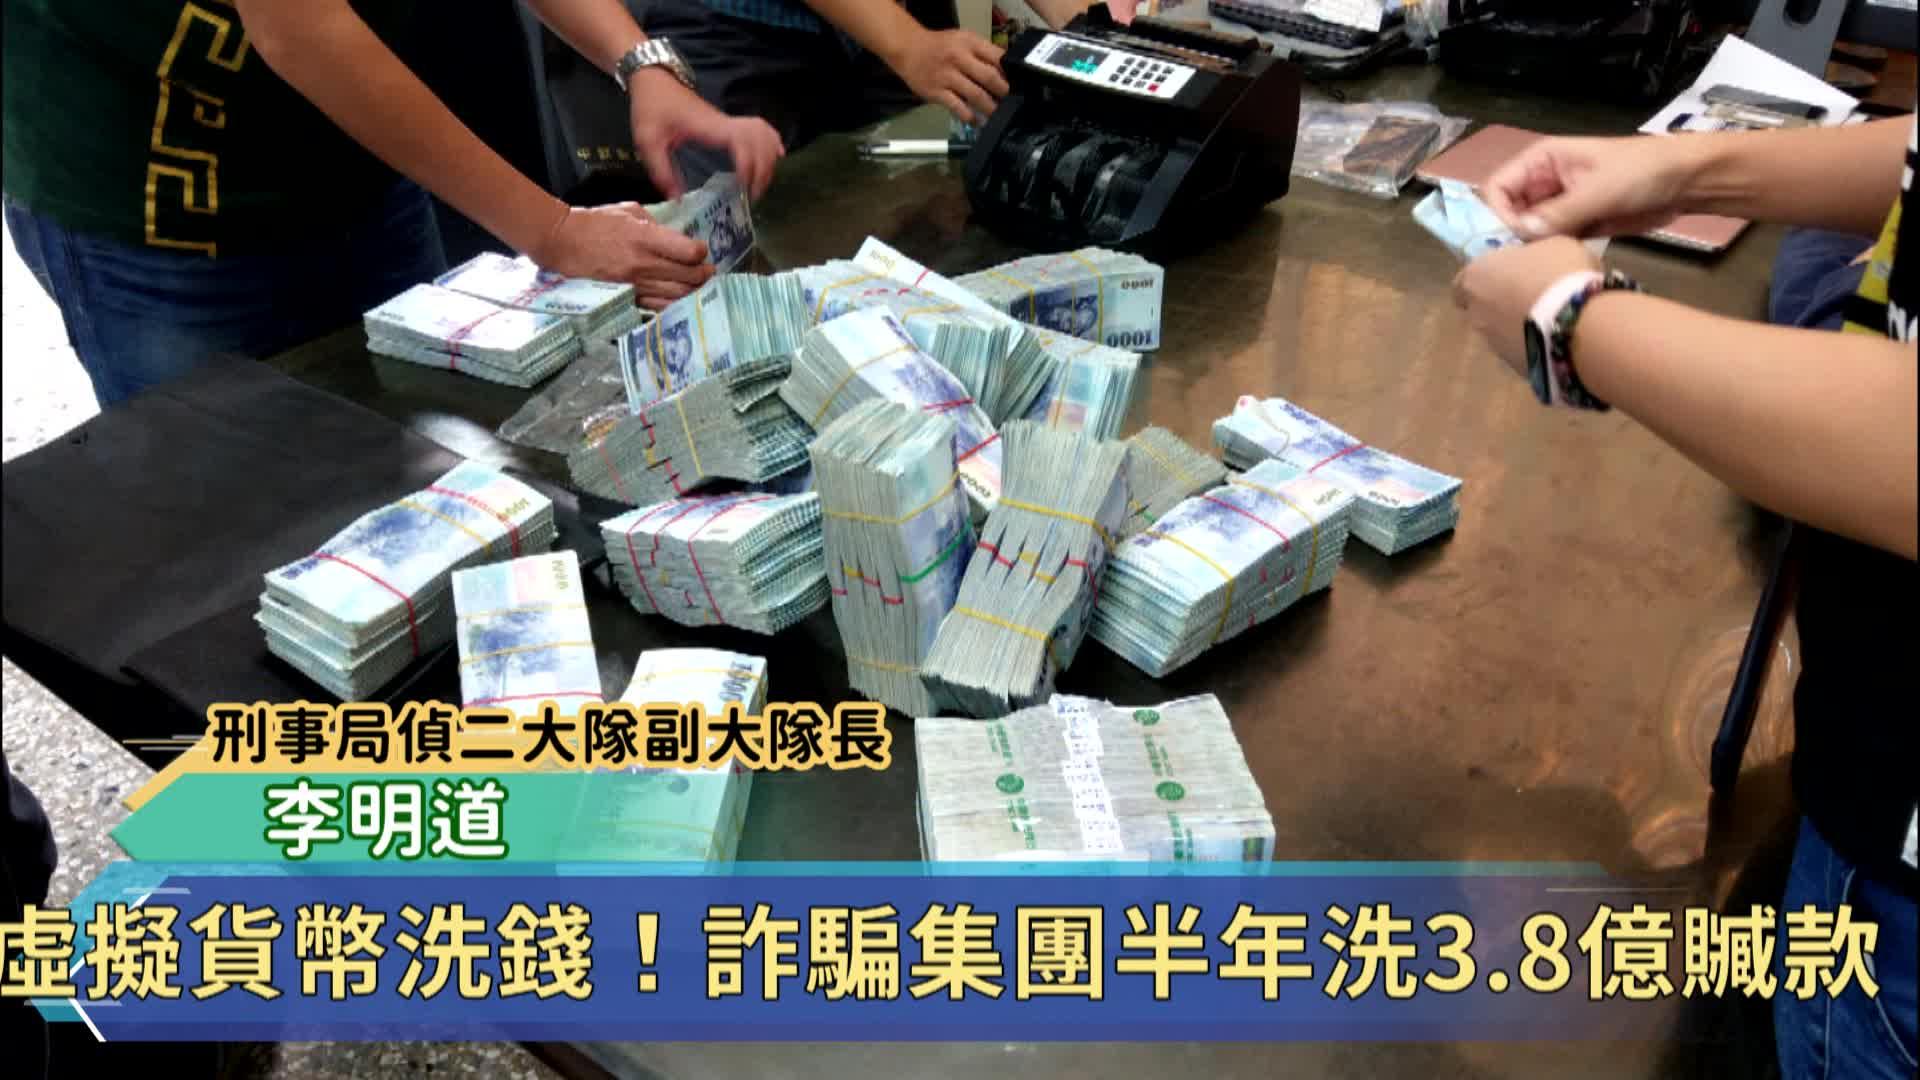 虛擬貨幣洗錢!詐騙集團半年洗3.8億贓款